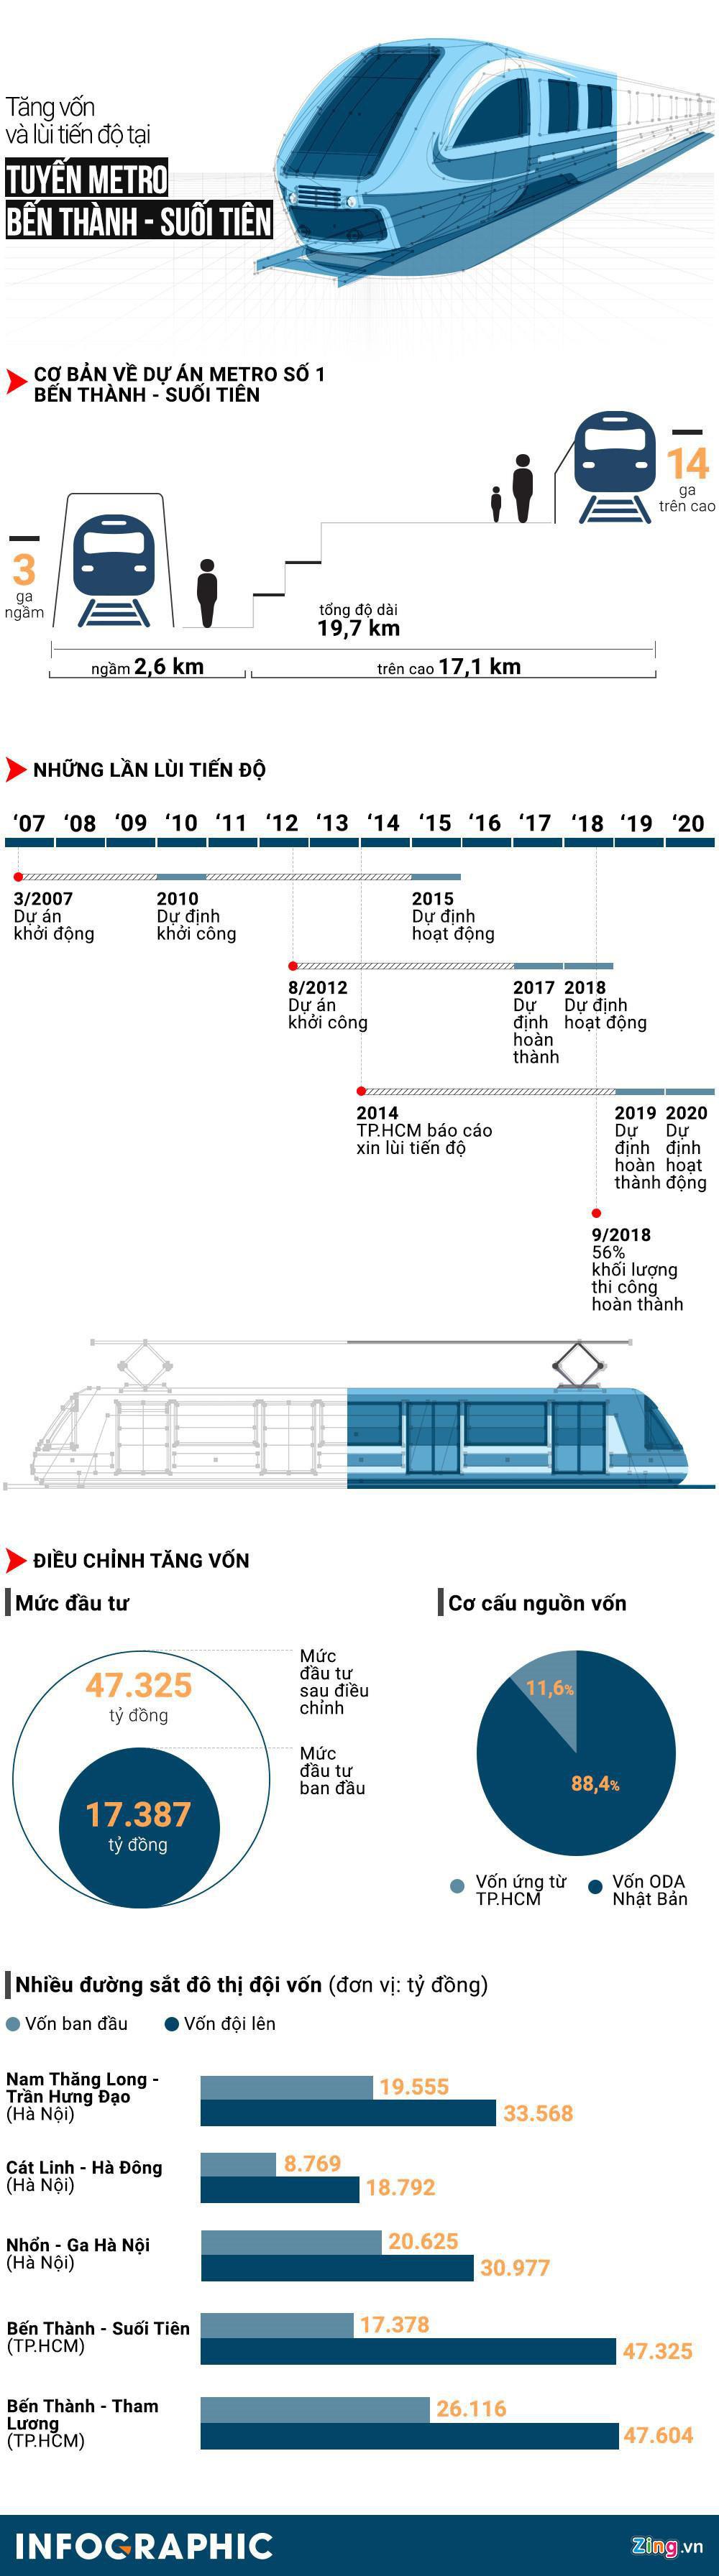 Metro Bến Thành - Suối Tiên thông tuyến, nhiều hạng mục đua nước rút - Ảnh 7.